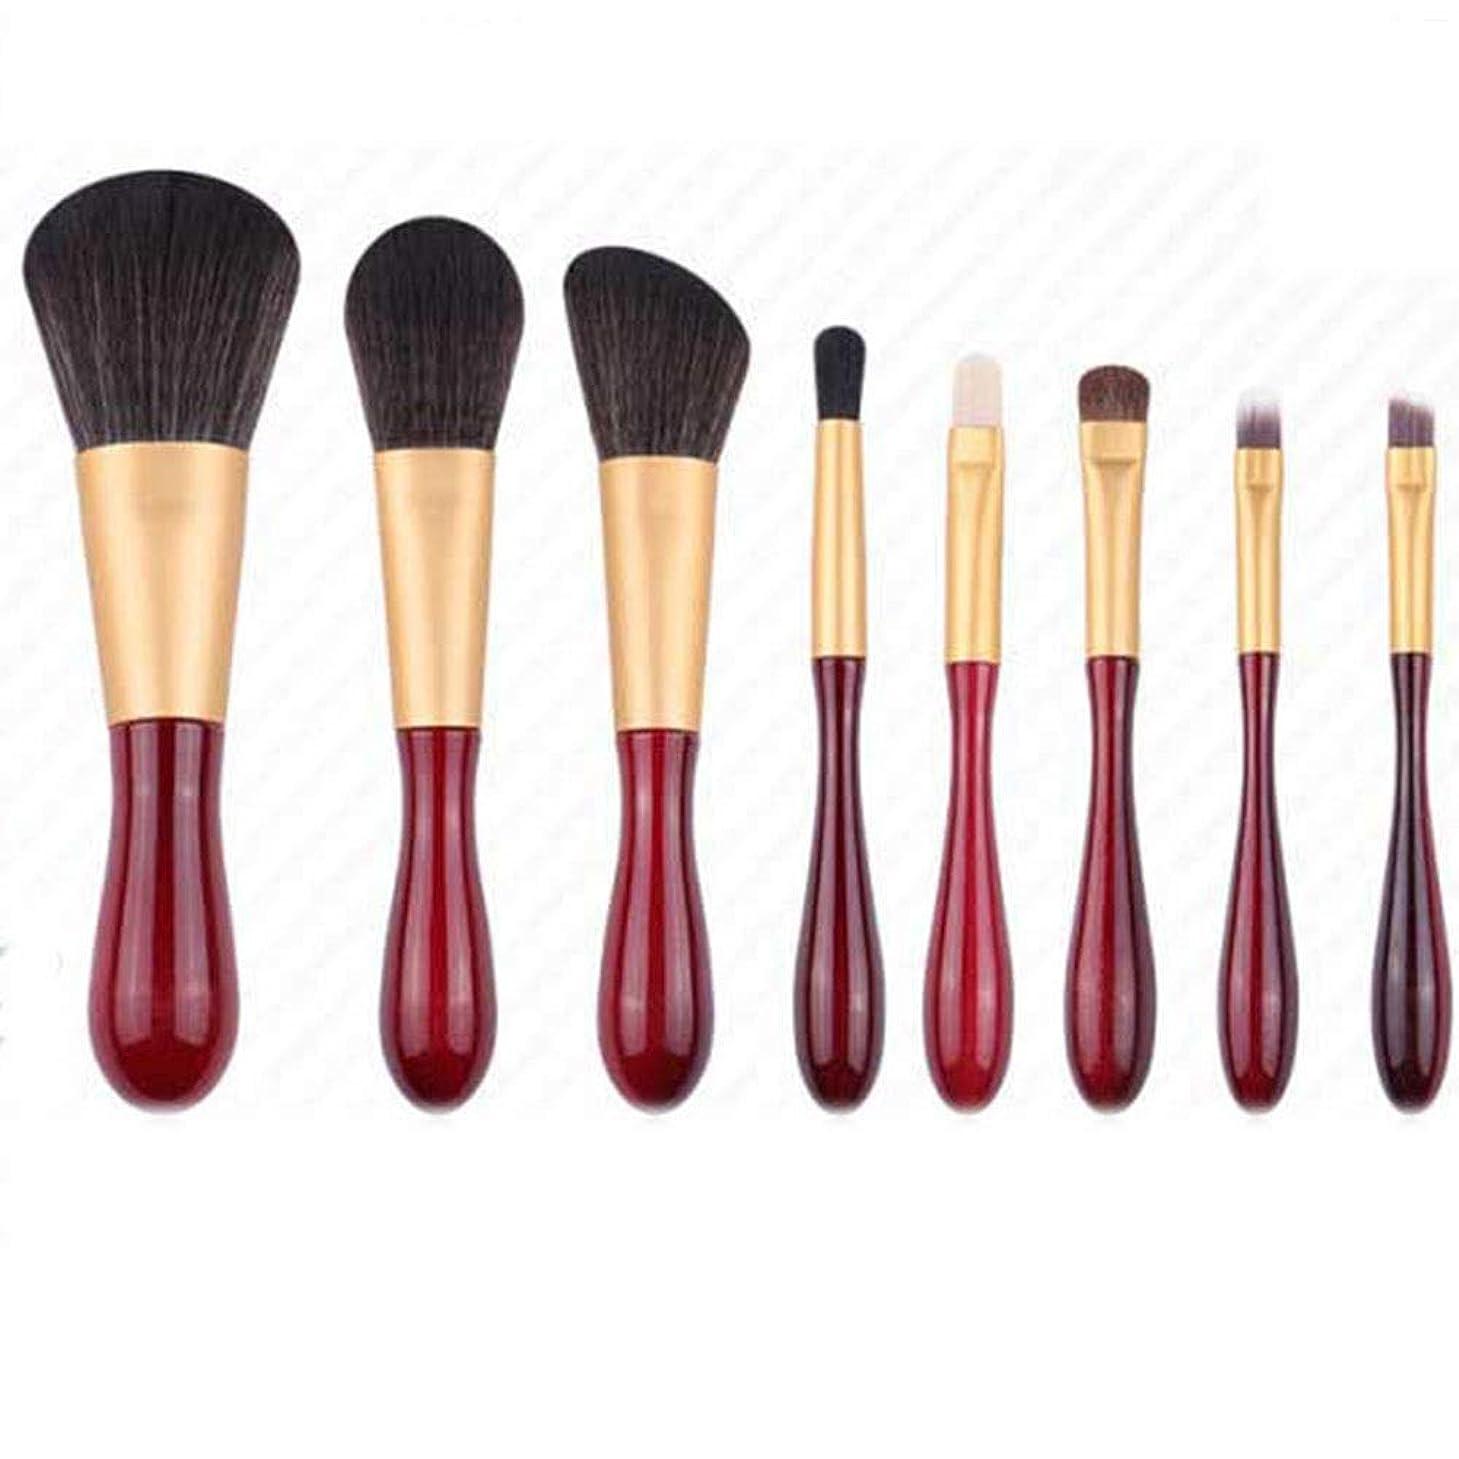 説教するクラス助言するZYFF huazhuangshua 化粧ブラシ、8つの小滴化粧ブラシファンデーション、赤ブラシバッグと初心者の美容ツールの赤面ブラシフルセット